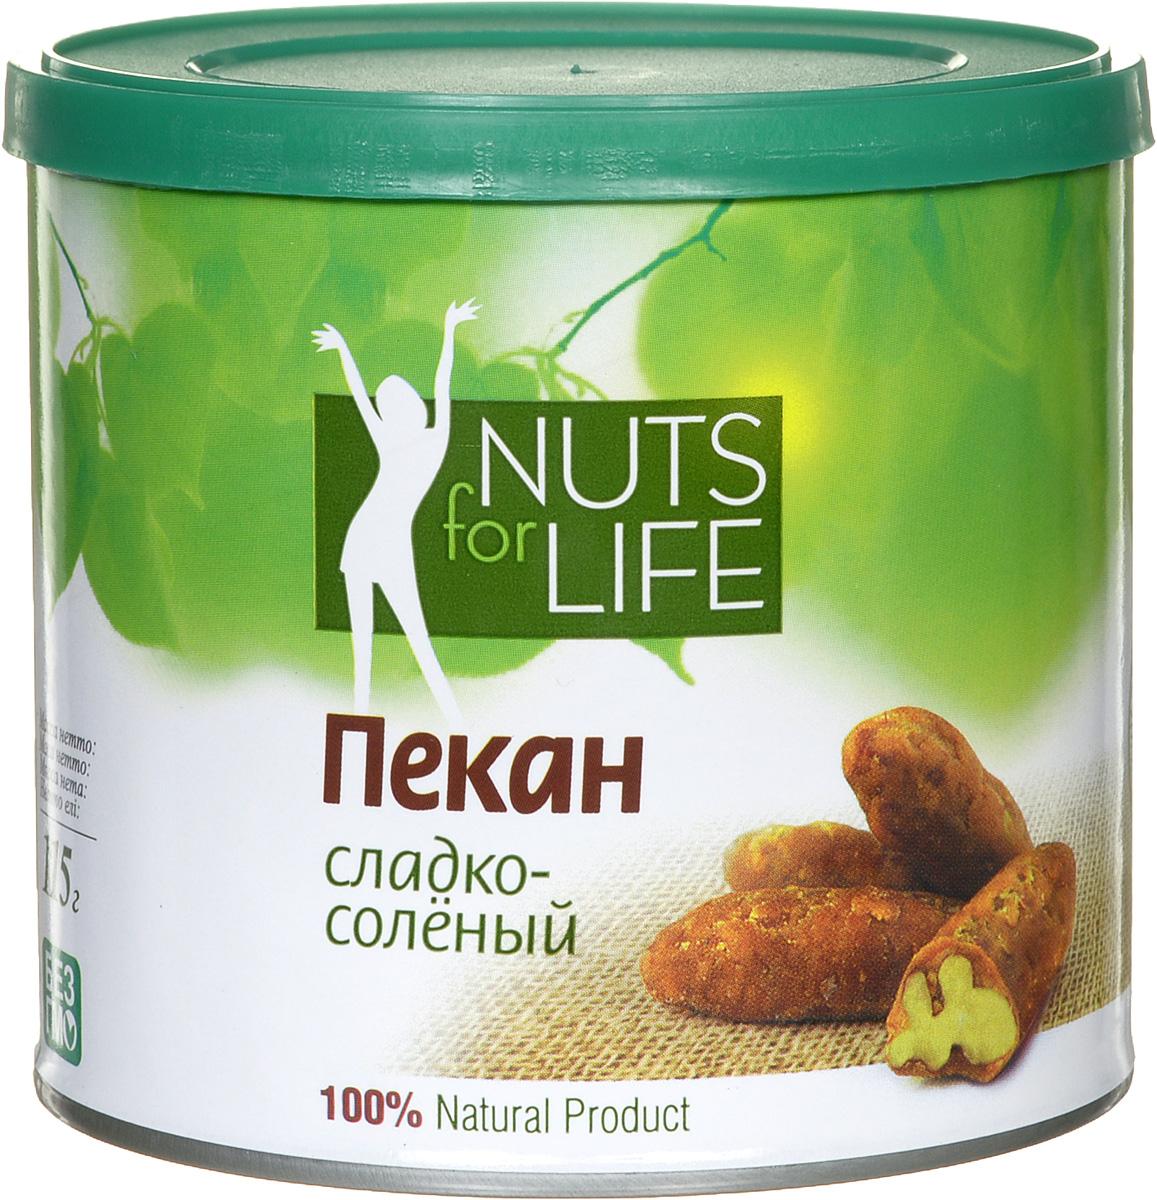 Nuts for Life Пекан обжаренный в сахаре с солью, 115 г0120710Nuts for Life Пекан сладко-соленый - потрясающе вкусный снек, а так же идеальное дополнение к любому мороженому! Просто добавьте несколько орехов в мороженое, и оно сразу станет вашим любимым!